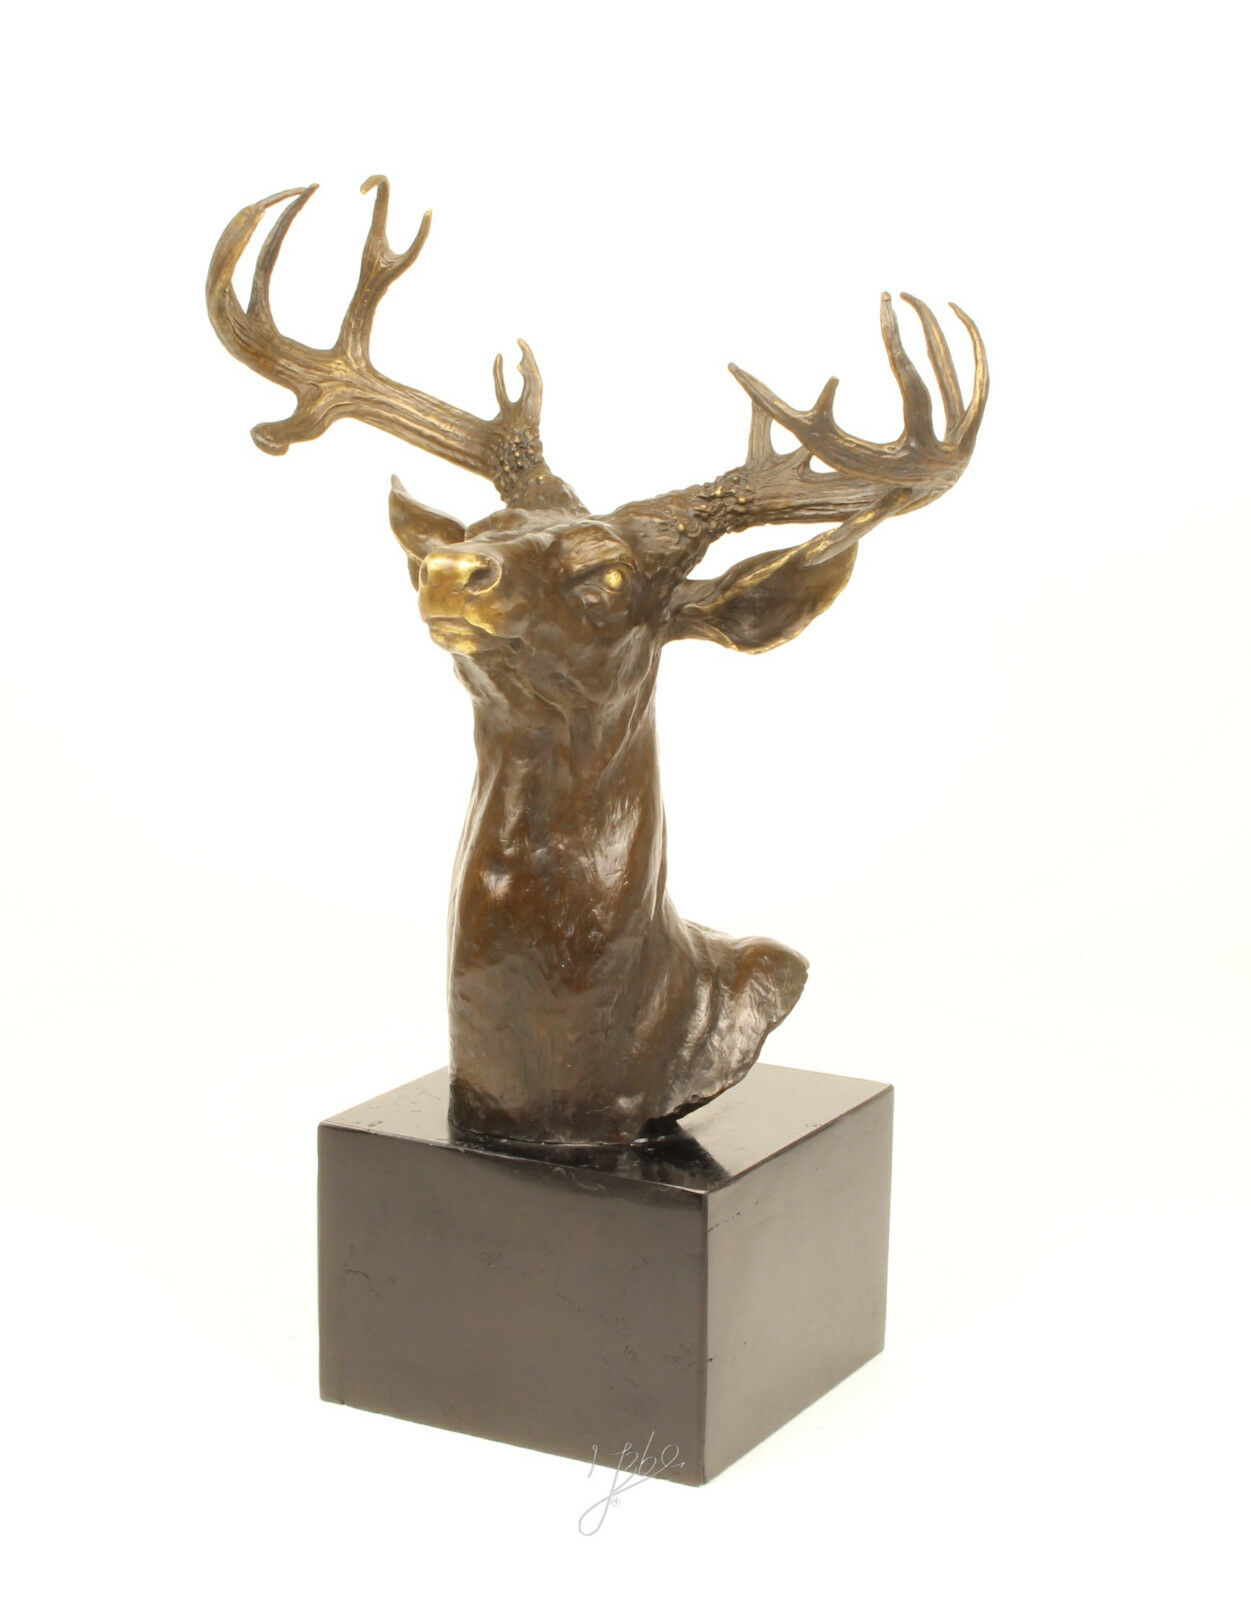 9937046-dss Bronze Skulptur Figur Büste Trophäe Hirsch H40cm